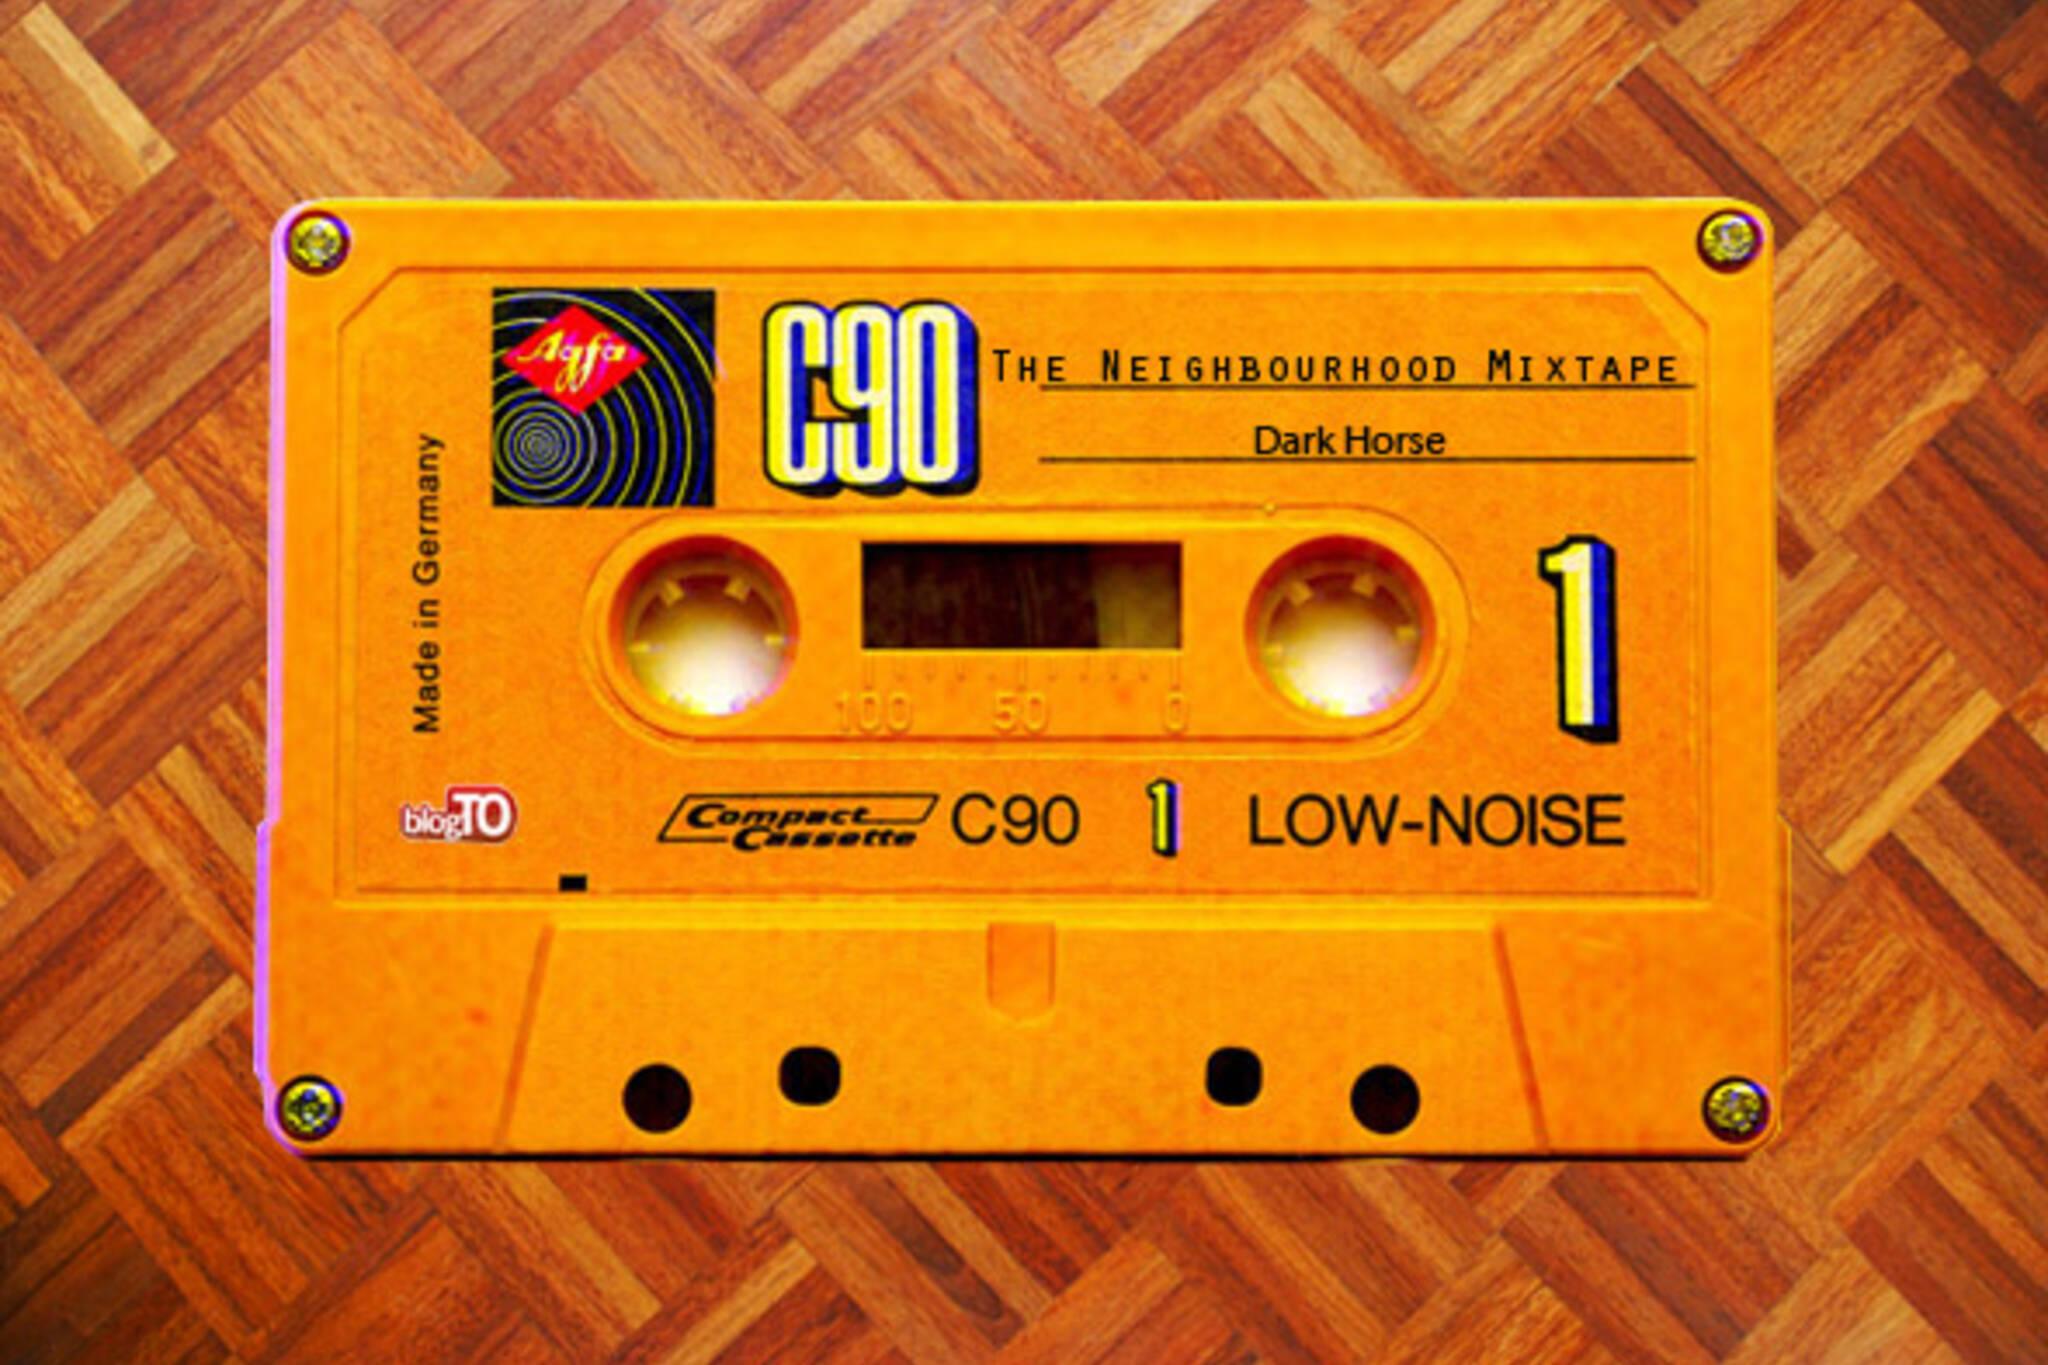 The Neighbourhood Mixtapeg